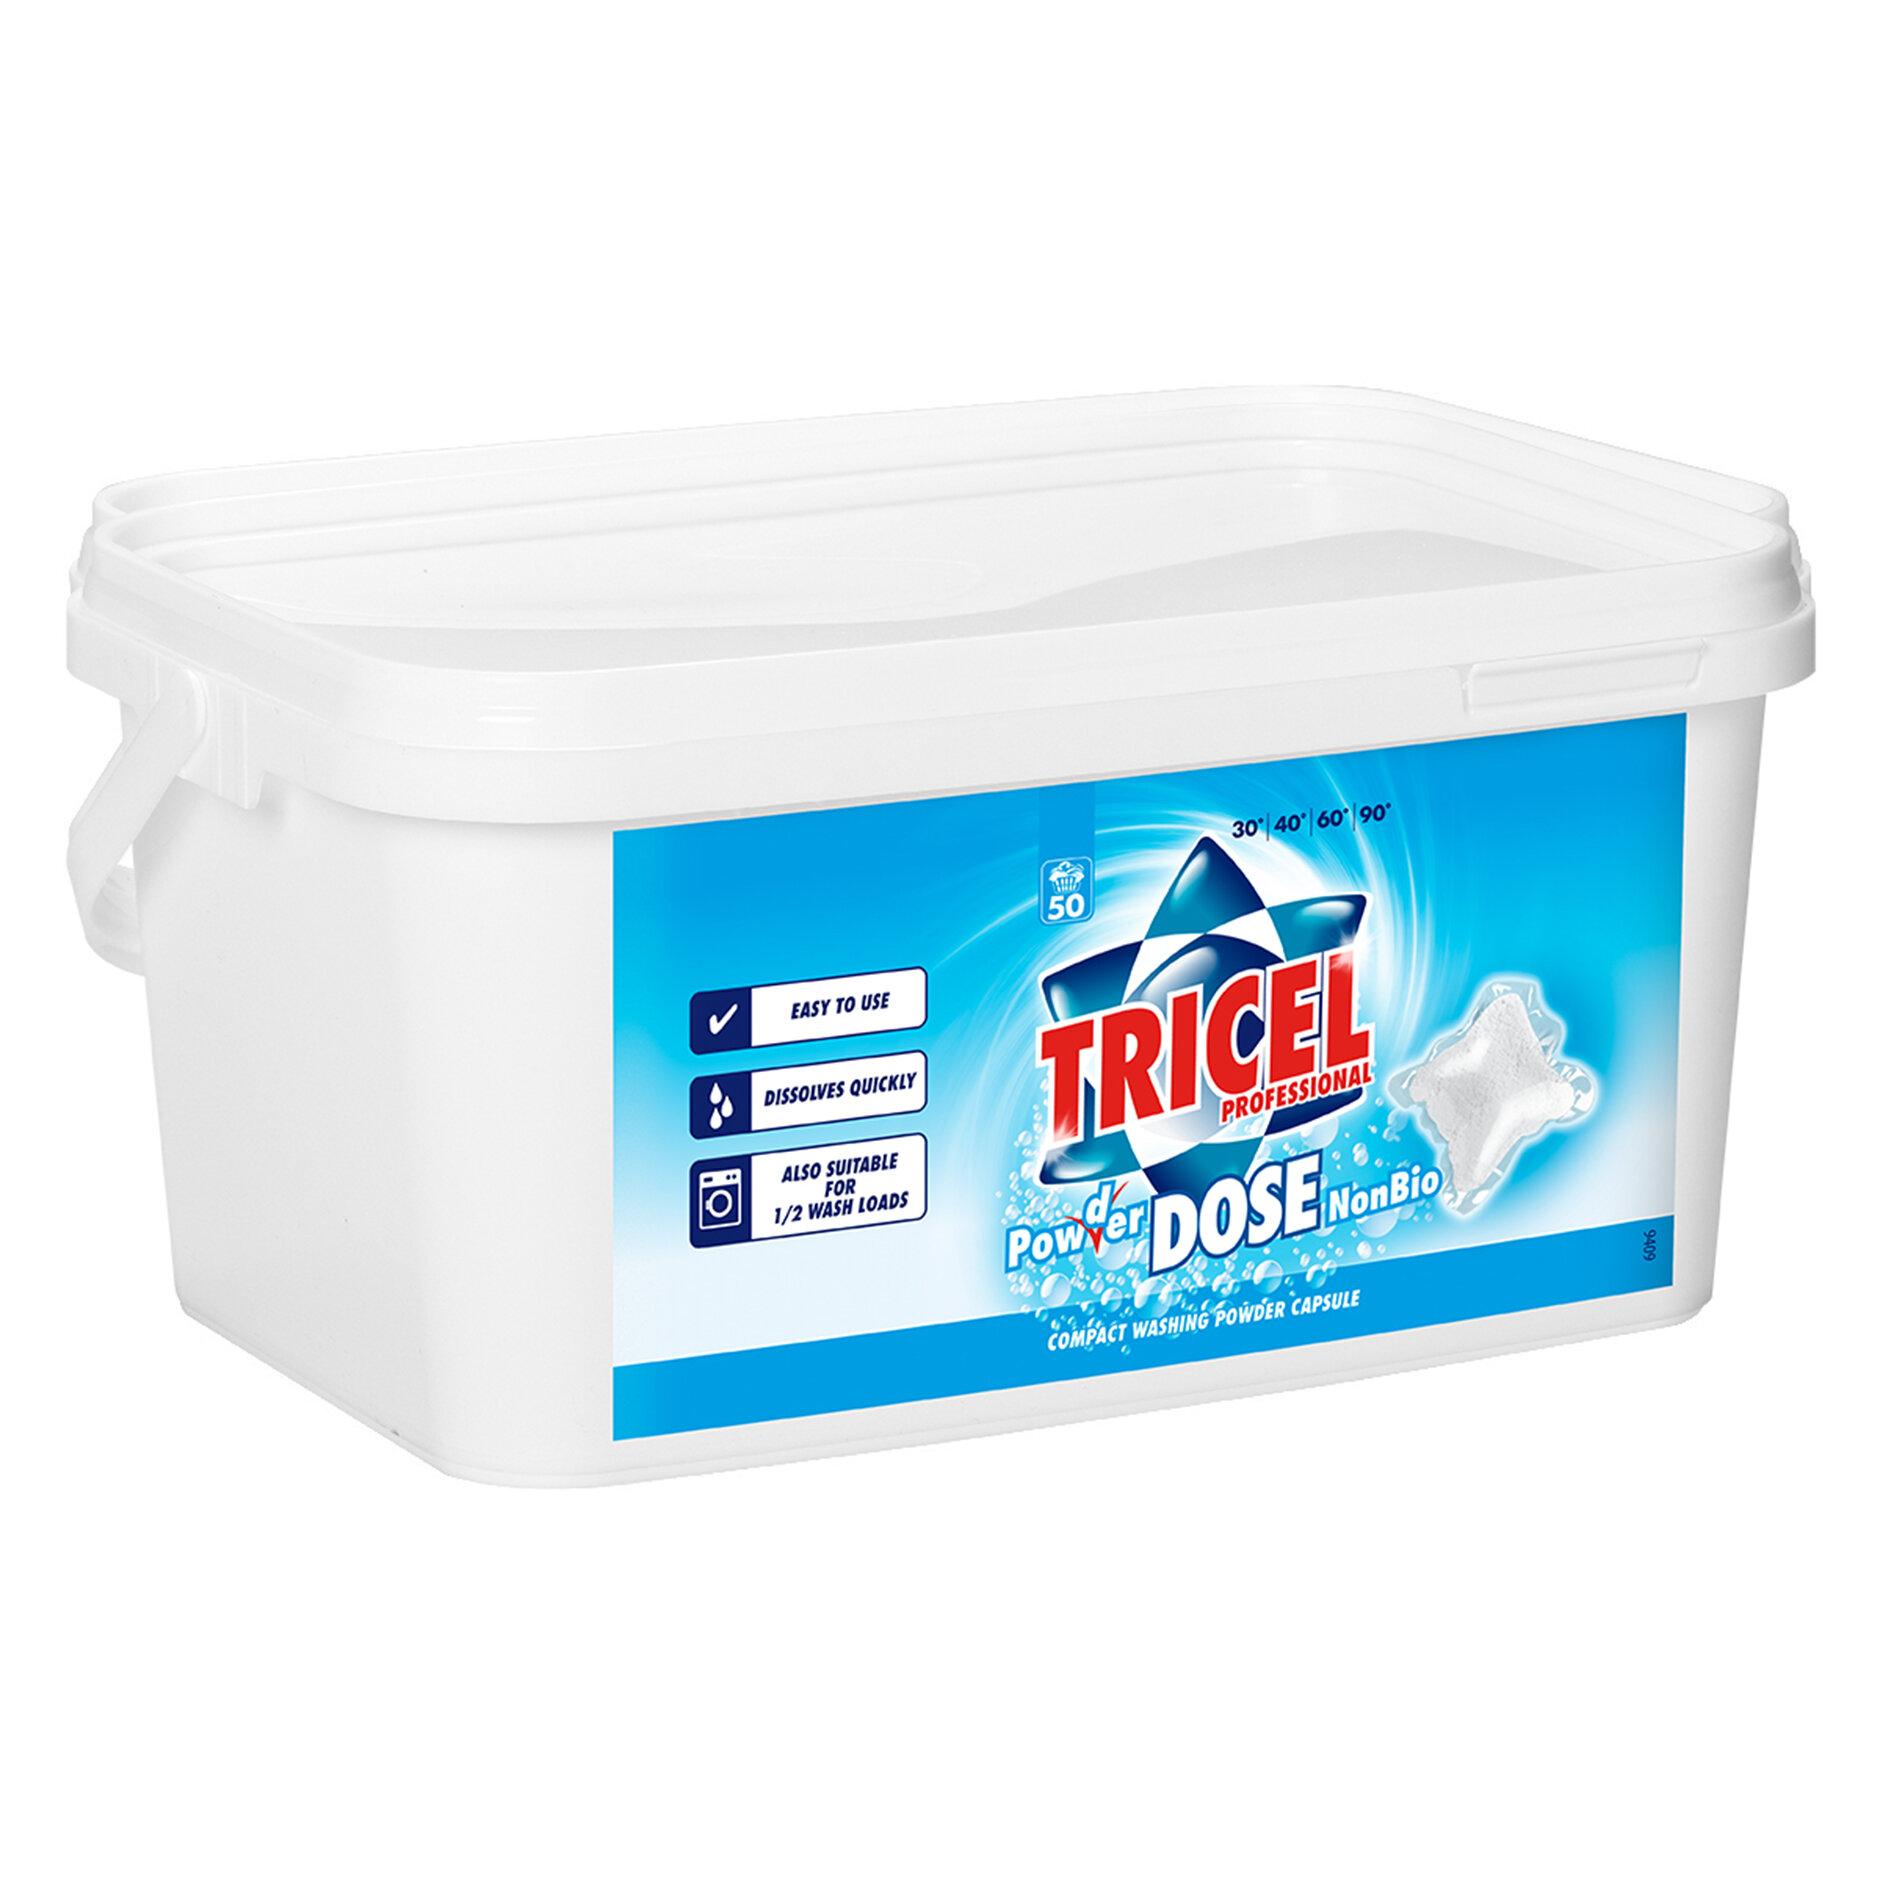 TRICEL NON BIO LAUNDRY CAPSULES TUB OF 100